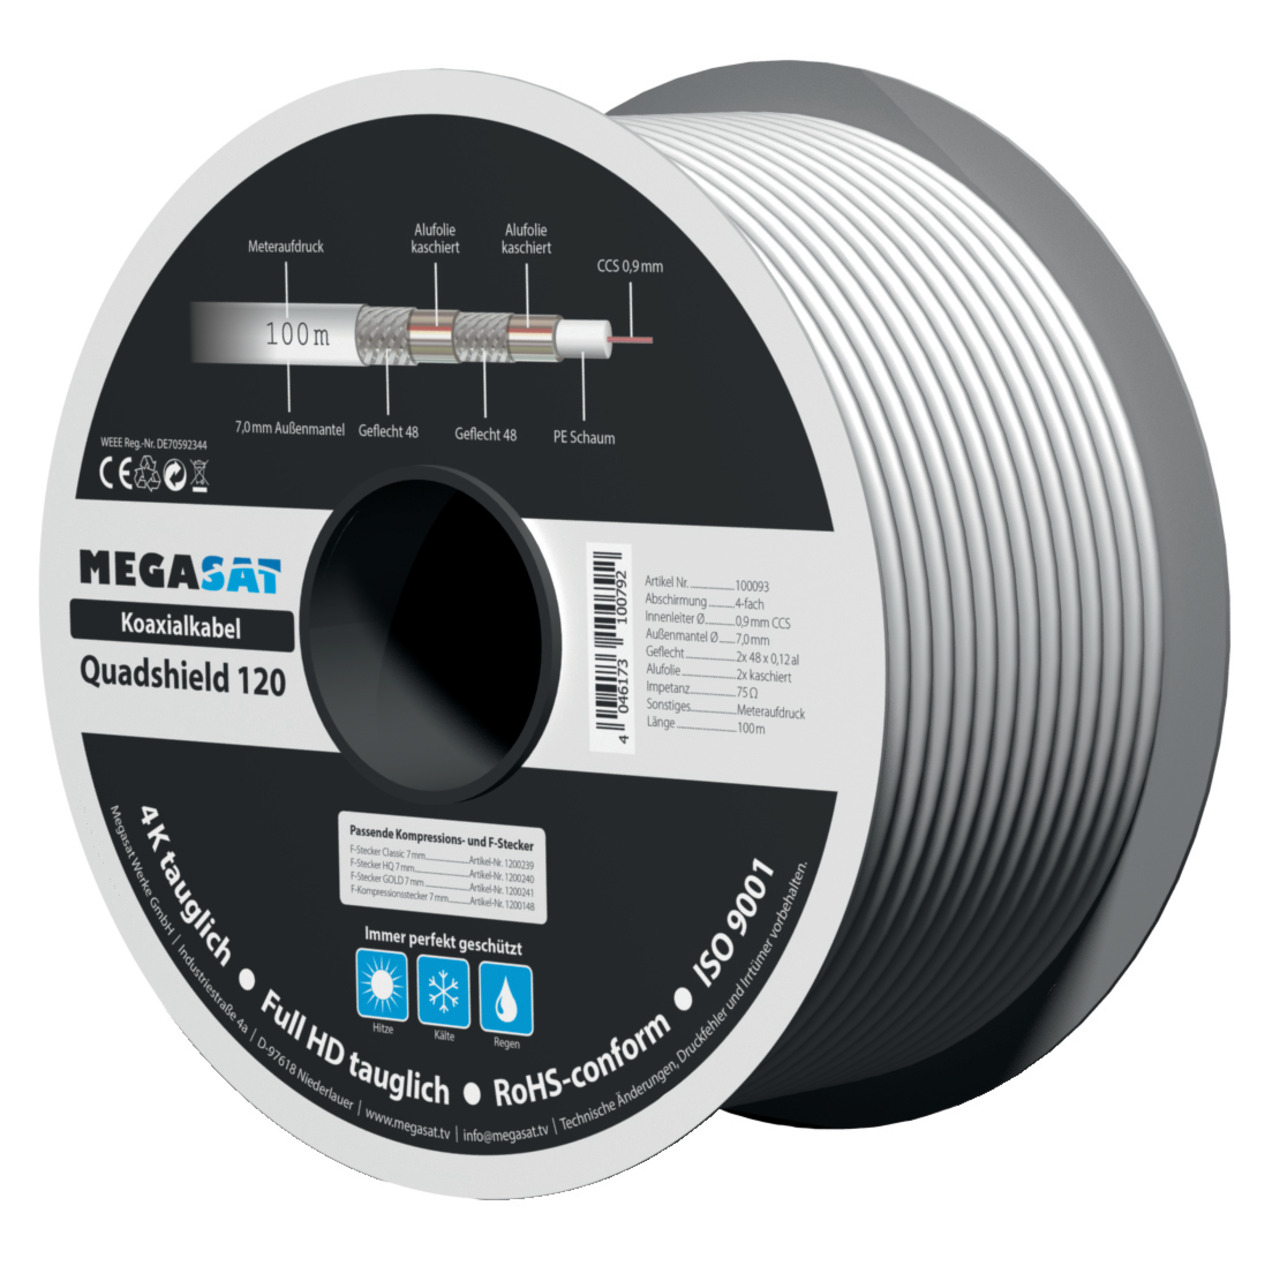 Megasat Koaxialkabel 120- Schirmmass 110 dB- 4-fach abgeschirmt- weiss- 100 m (Spule)